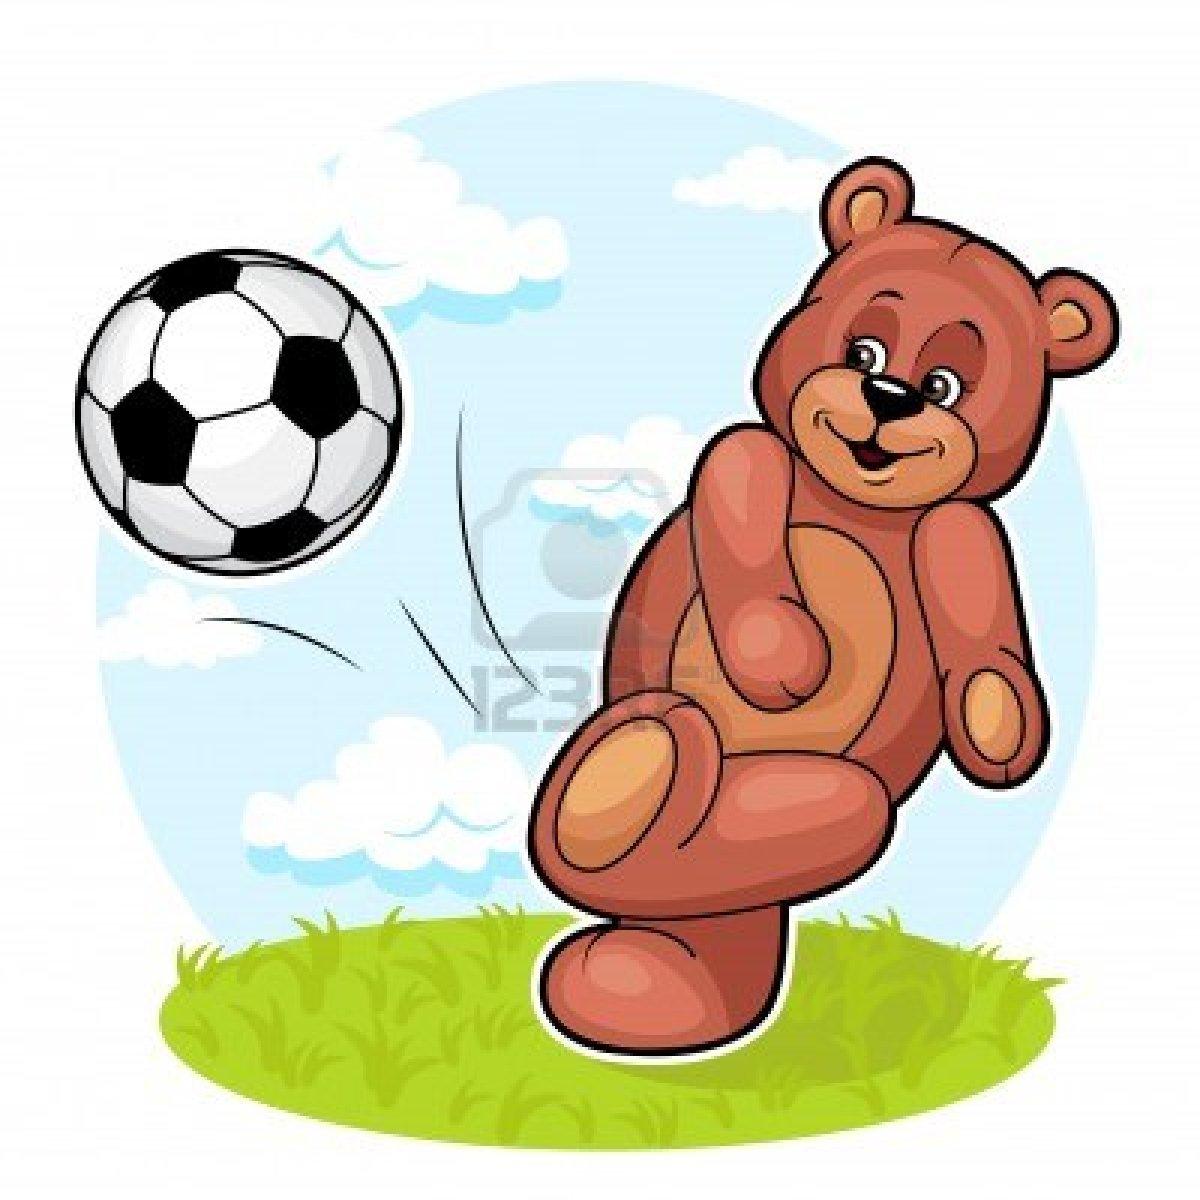 Lindas Imagenes de Futbol Animadas Imagenes De Futbol  - Imagenes De Balones De Futbol Animados